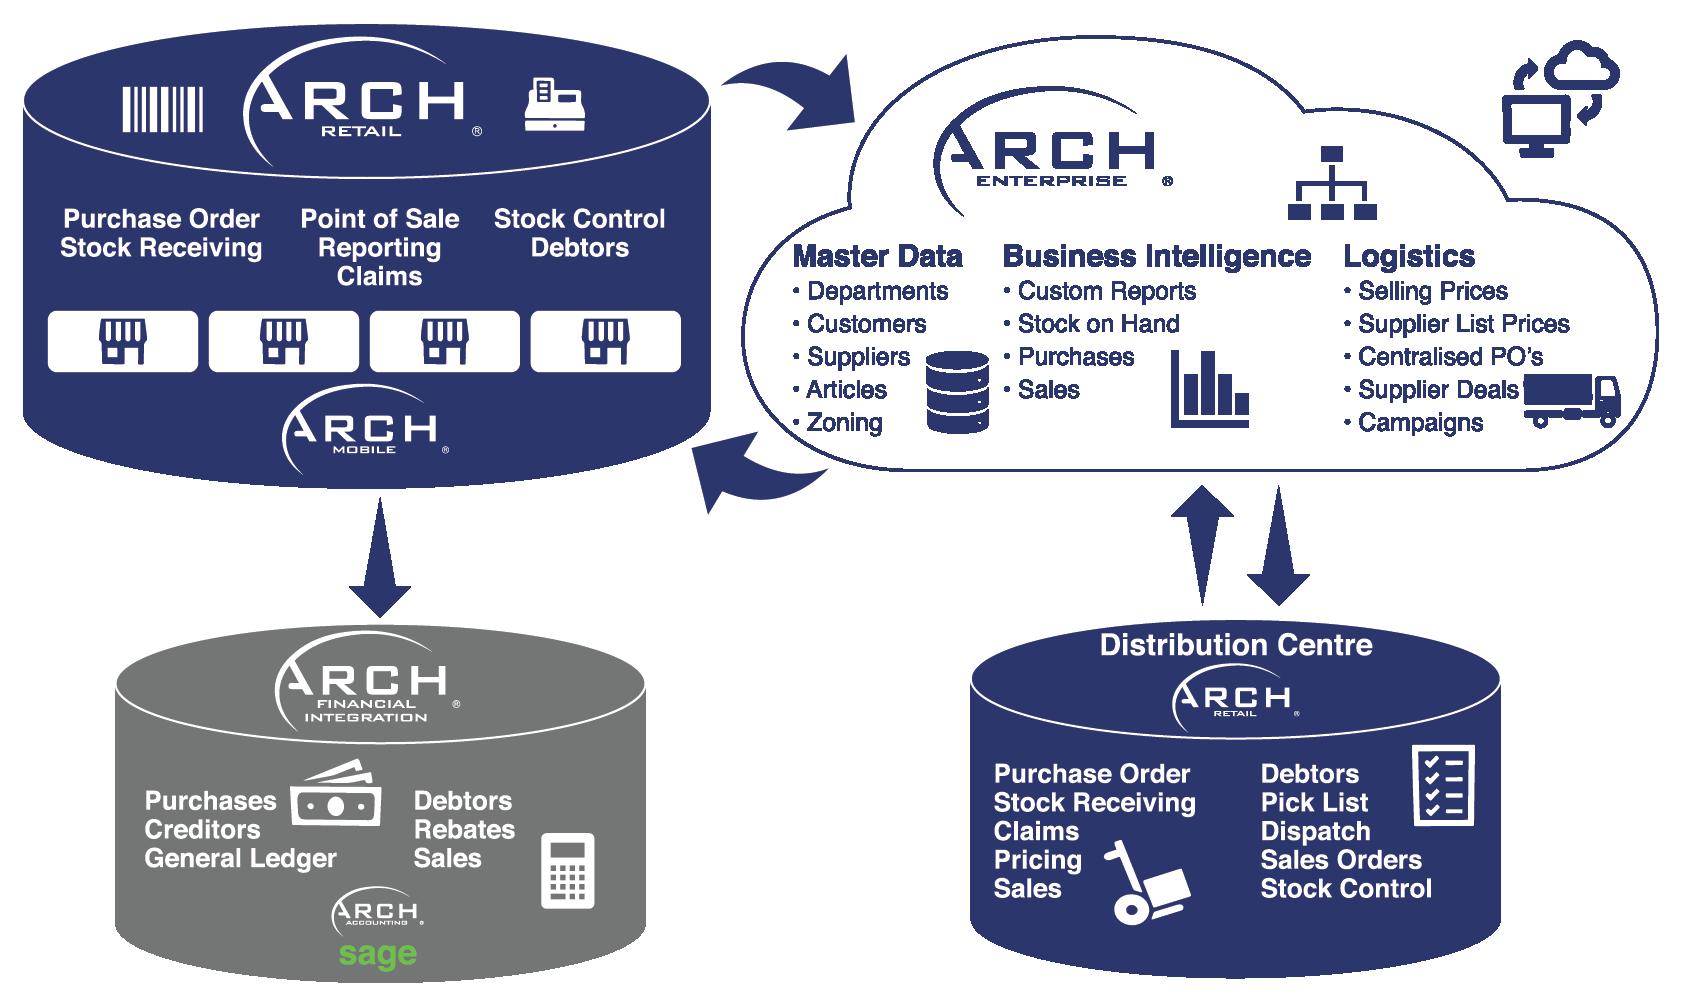 Arch Enterprise Diagram